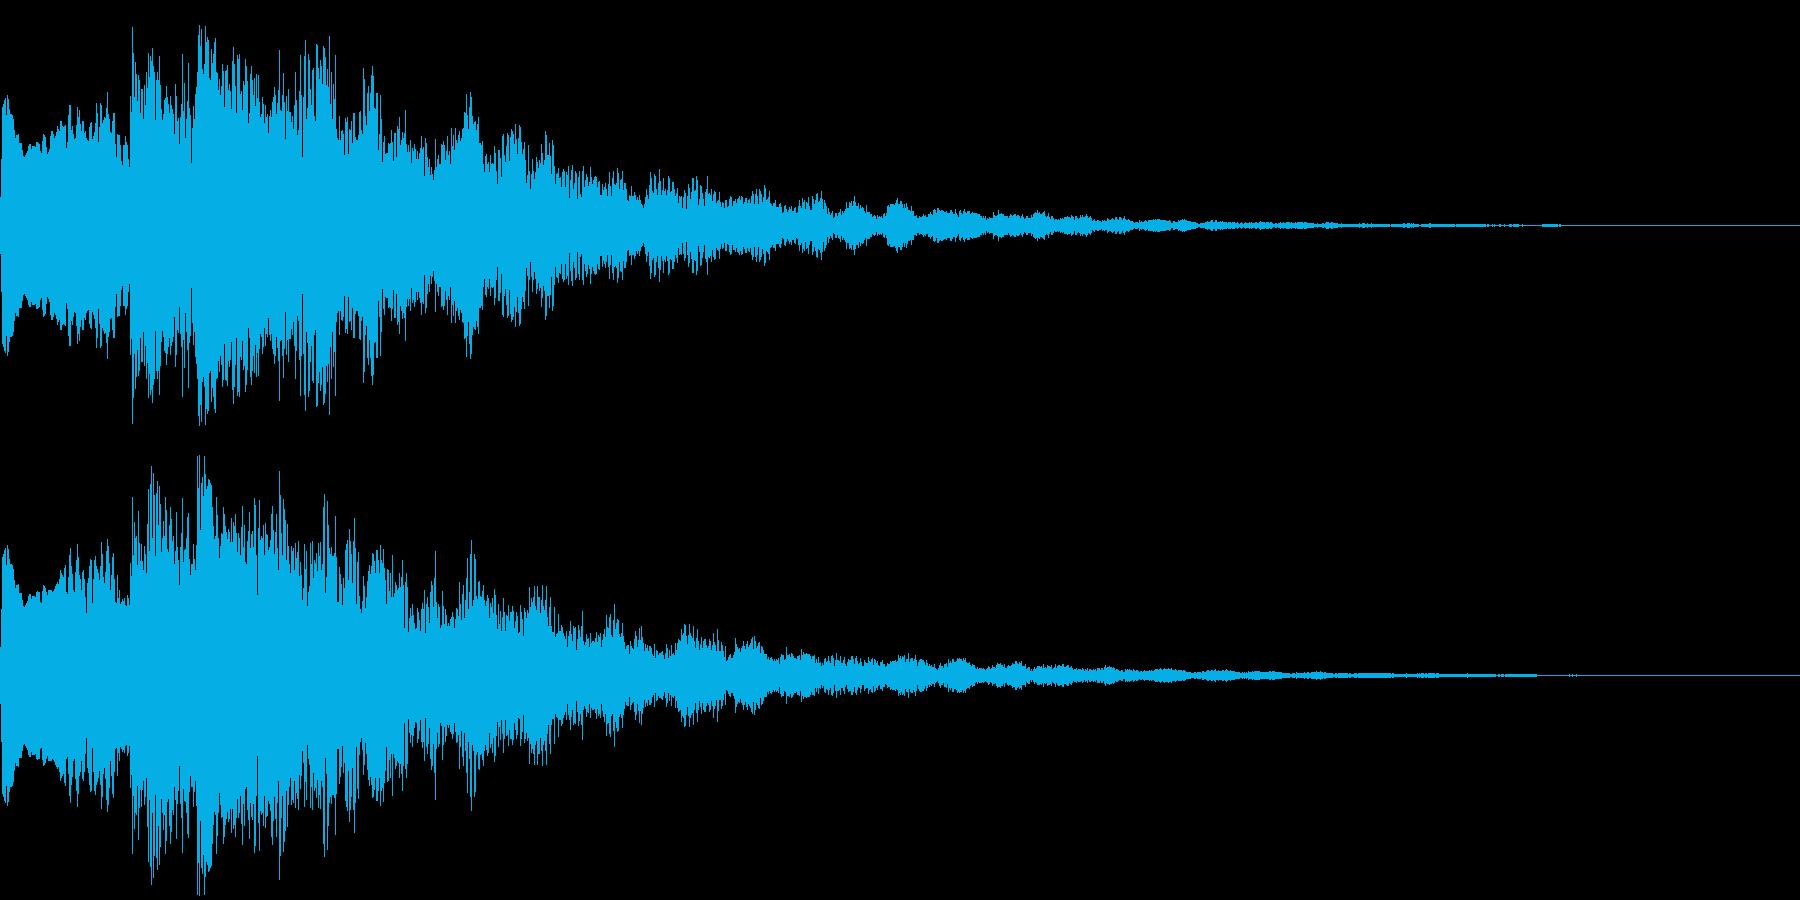 ボタン・決定音・サウンドロゴの再生済みの波形